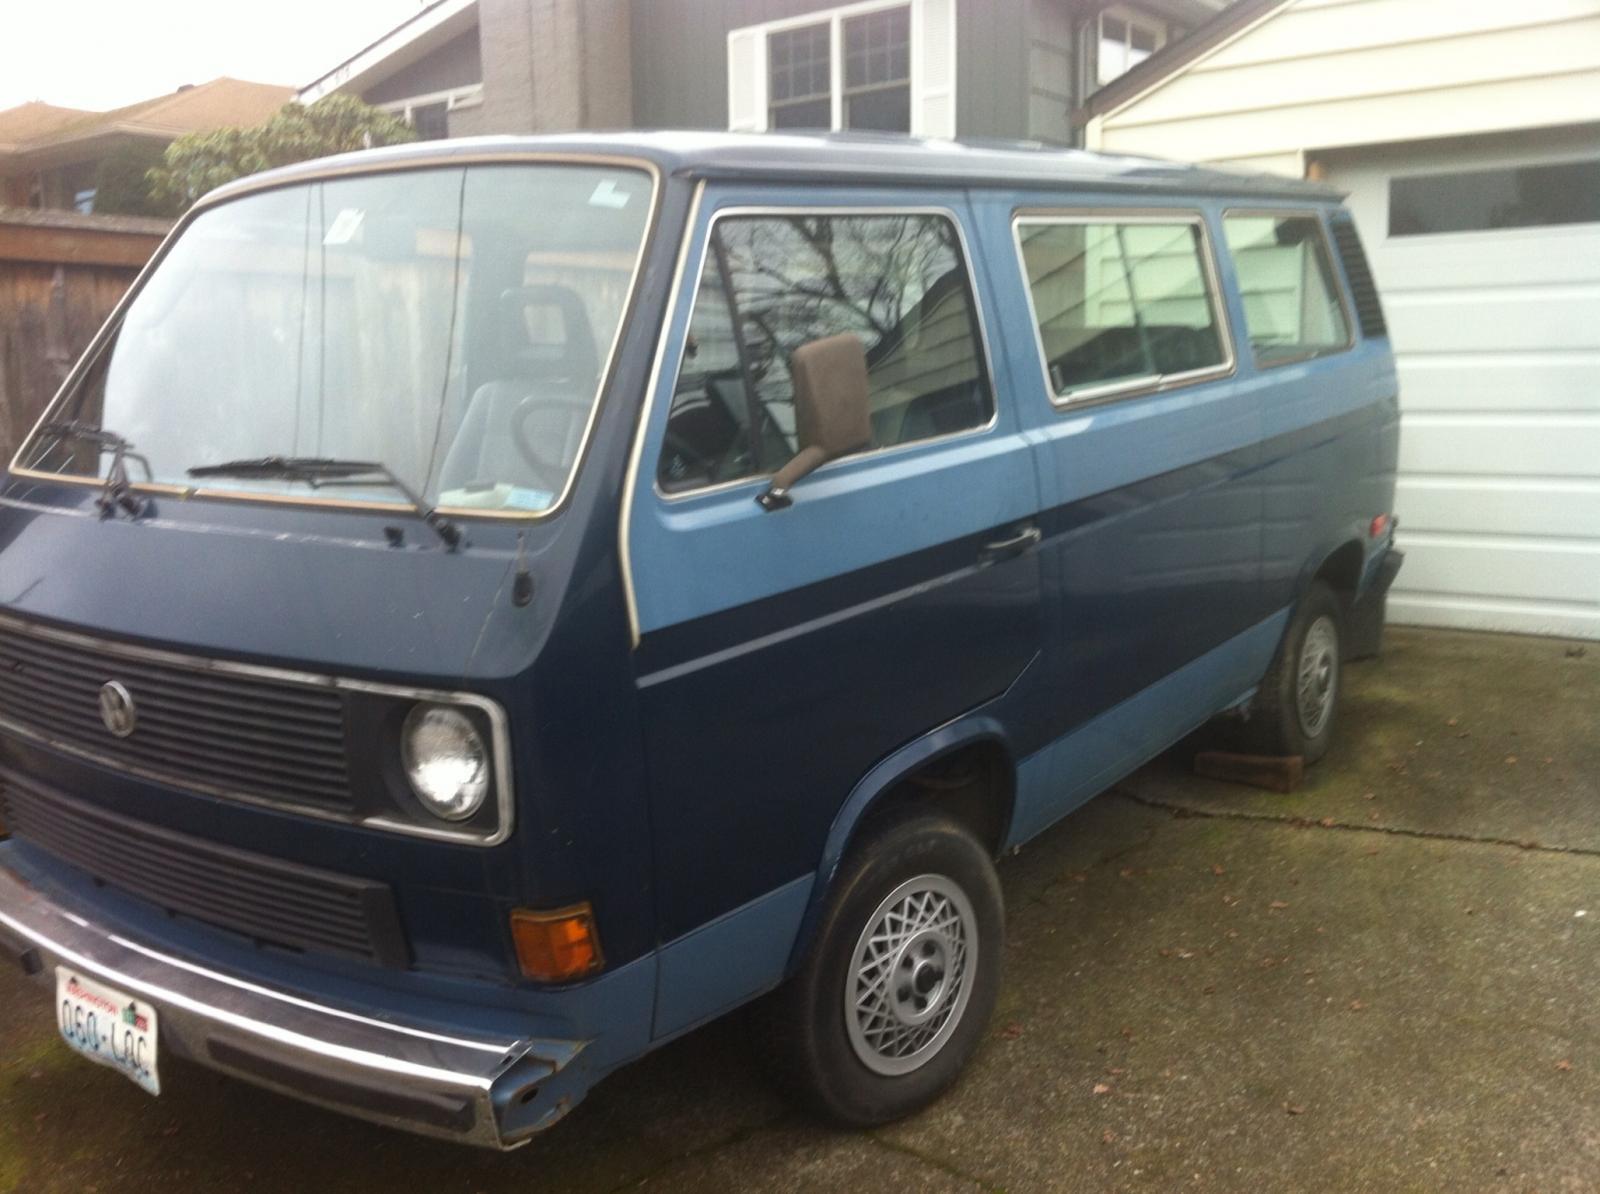 The parts van.